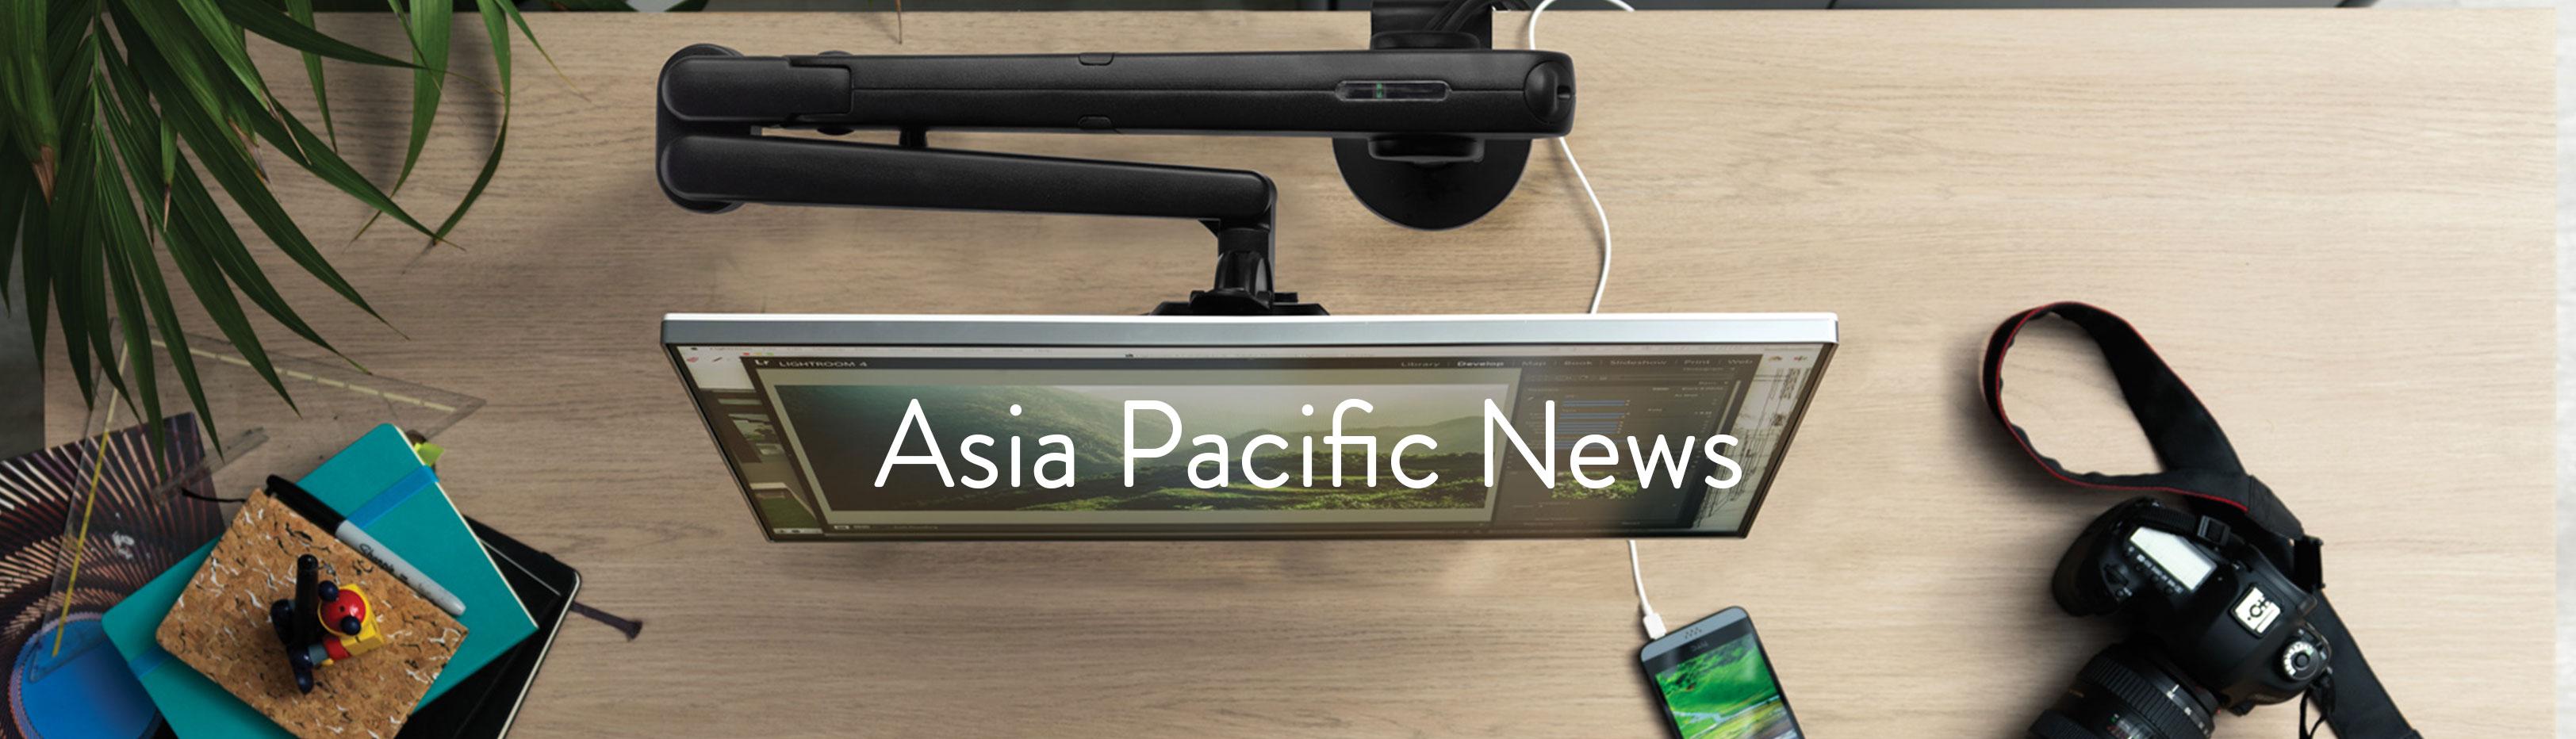 ollin_apac_news